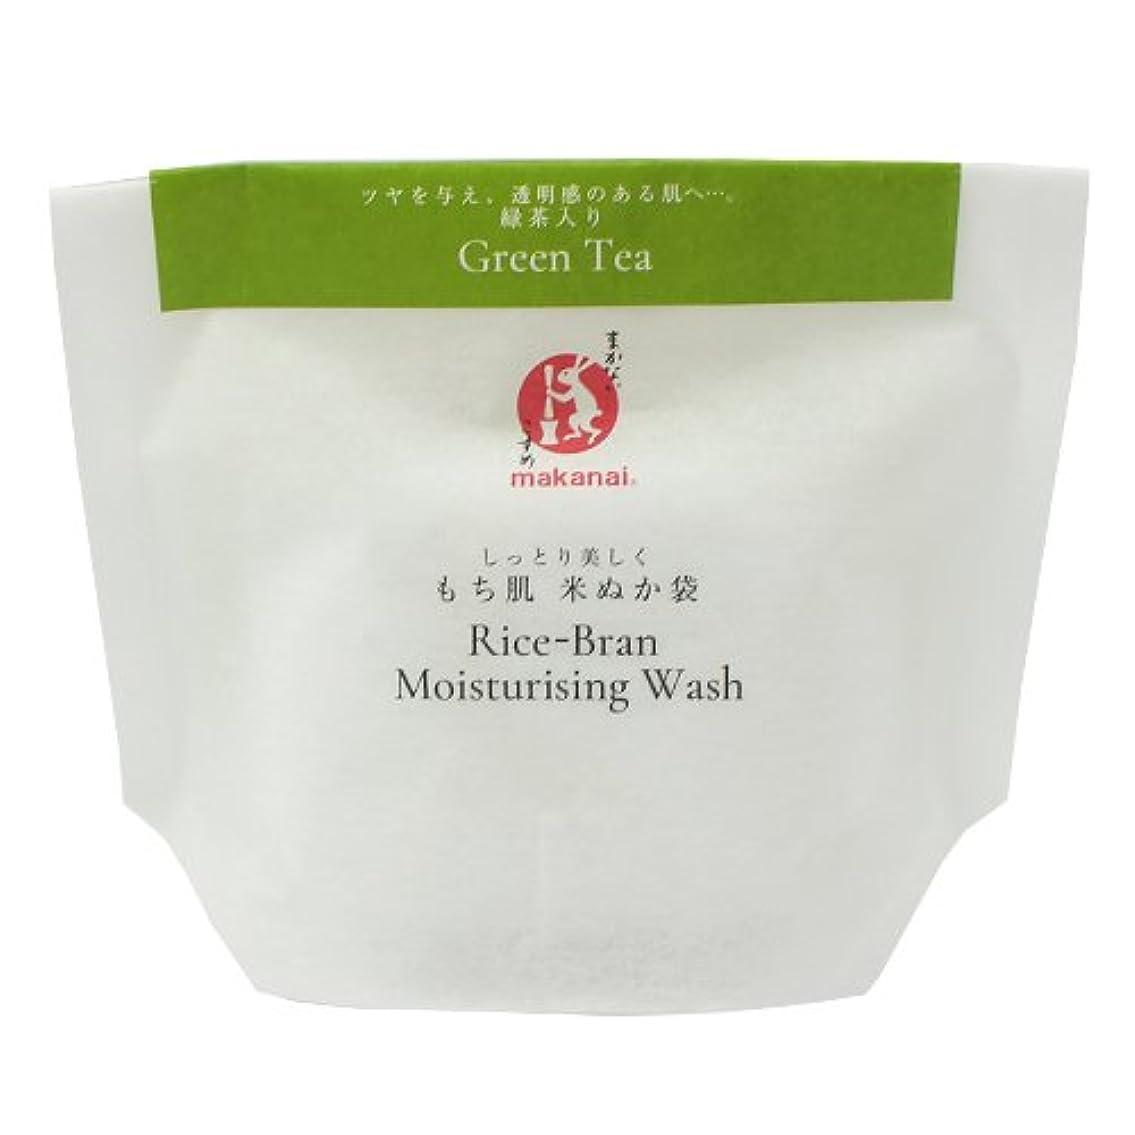 ゲスト寛解取り出すまかないこすめ もち肌米ぬか袋(緑茶)27g